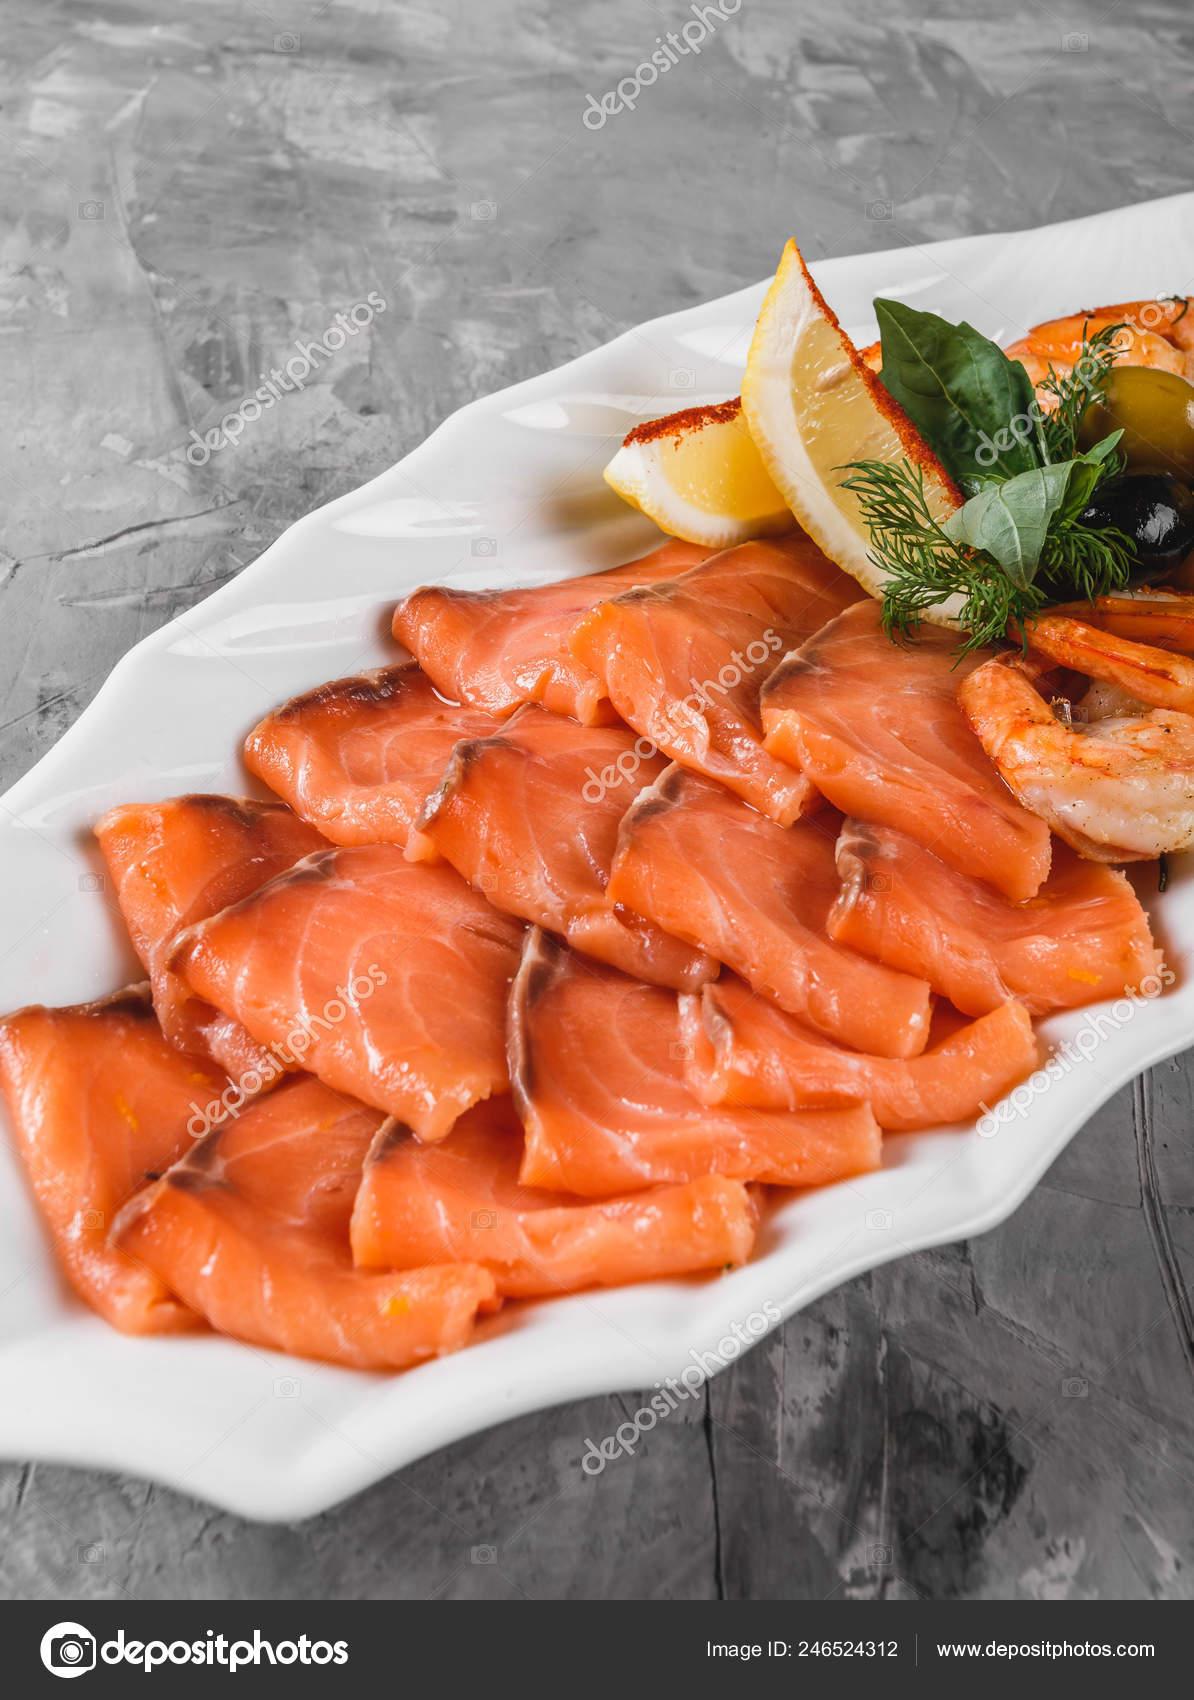 Seafood Platter Salmon Slice Shrimp Slices Fish Fillet Decorated Olives Stock Photo C Valentinjukov 246524312